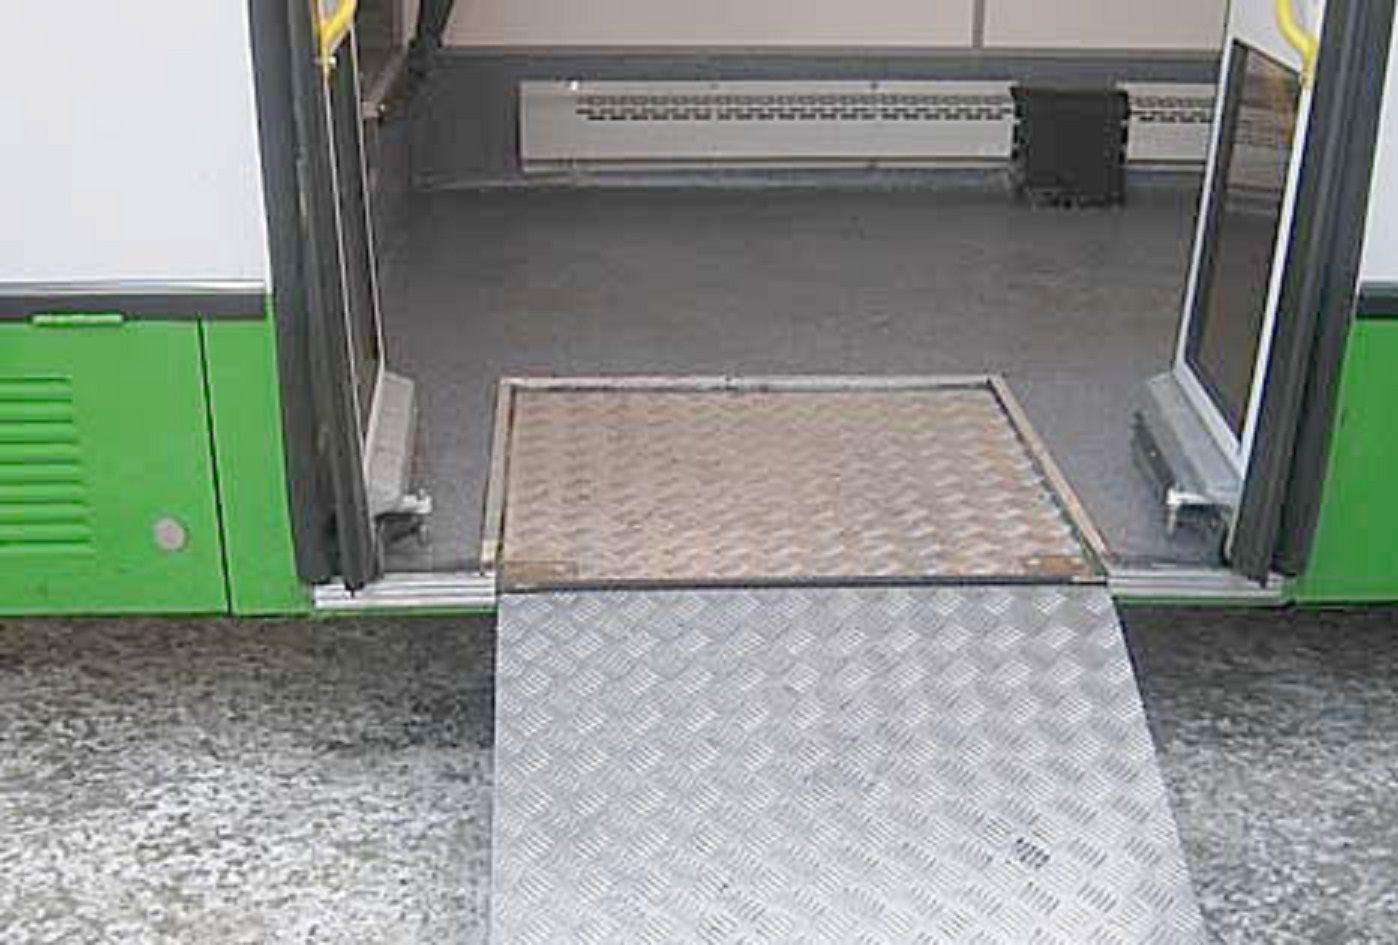 ВКисловодске вновом году запустят автобус для людей сограниченными возможностями